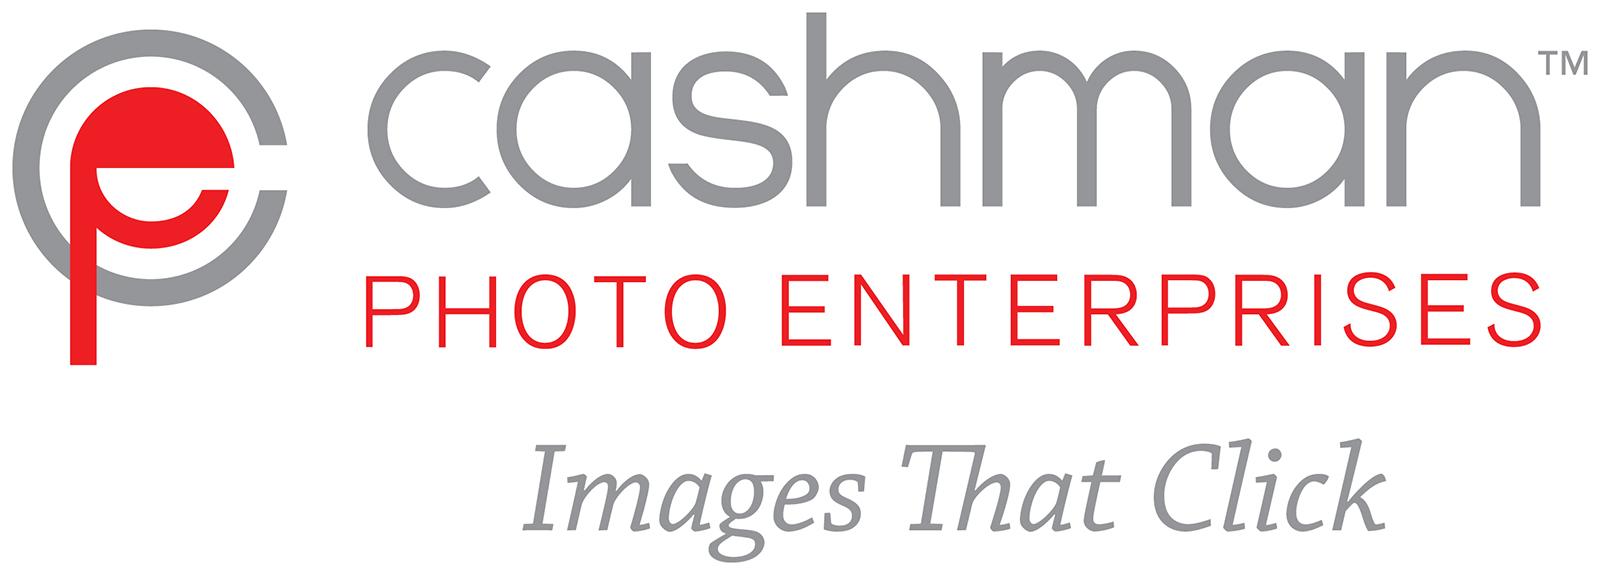 Name: CashmanPhoto.jpg, Views: 88, Size: 233.69 KB